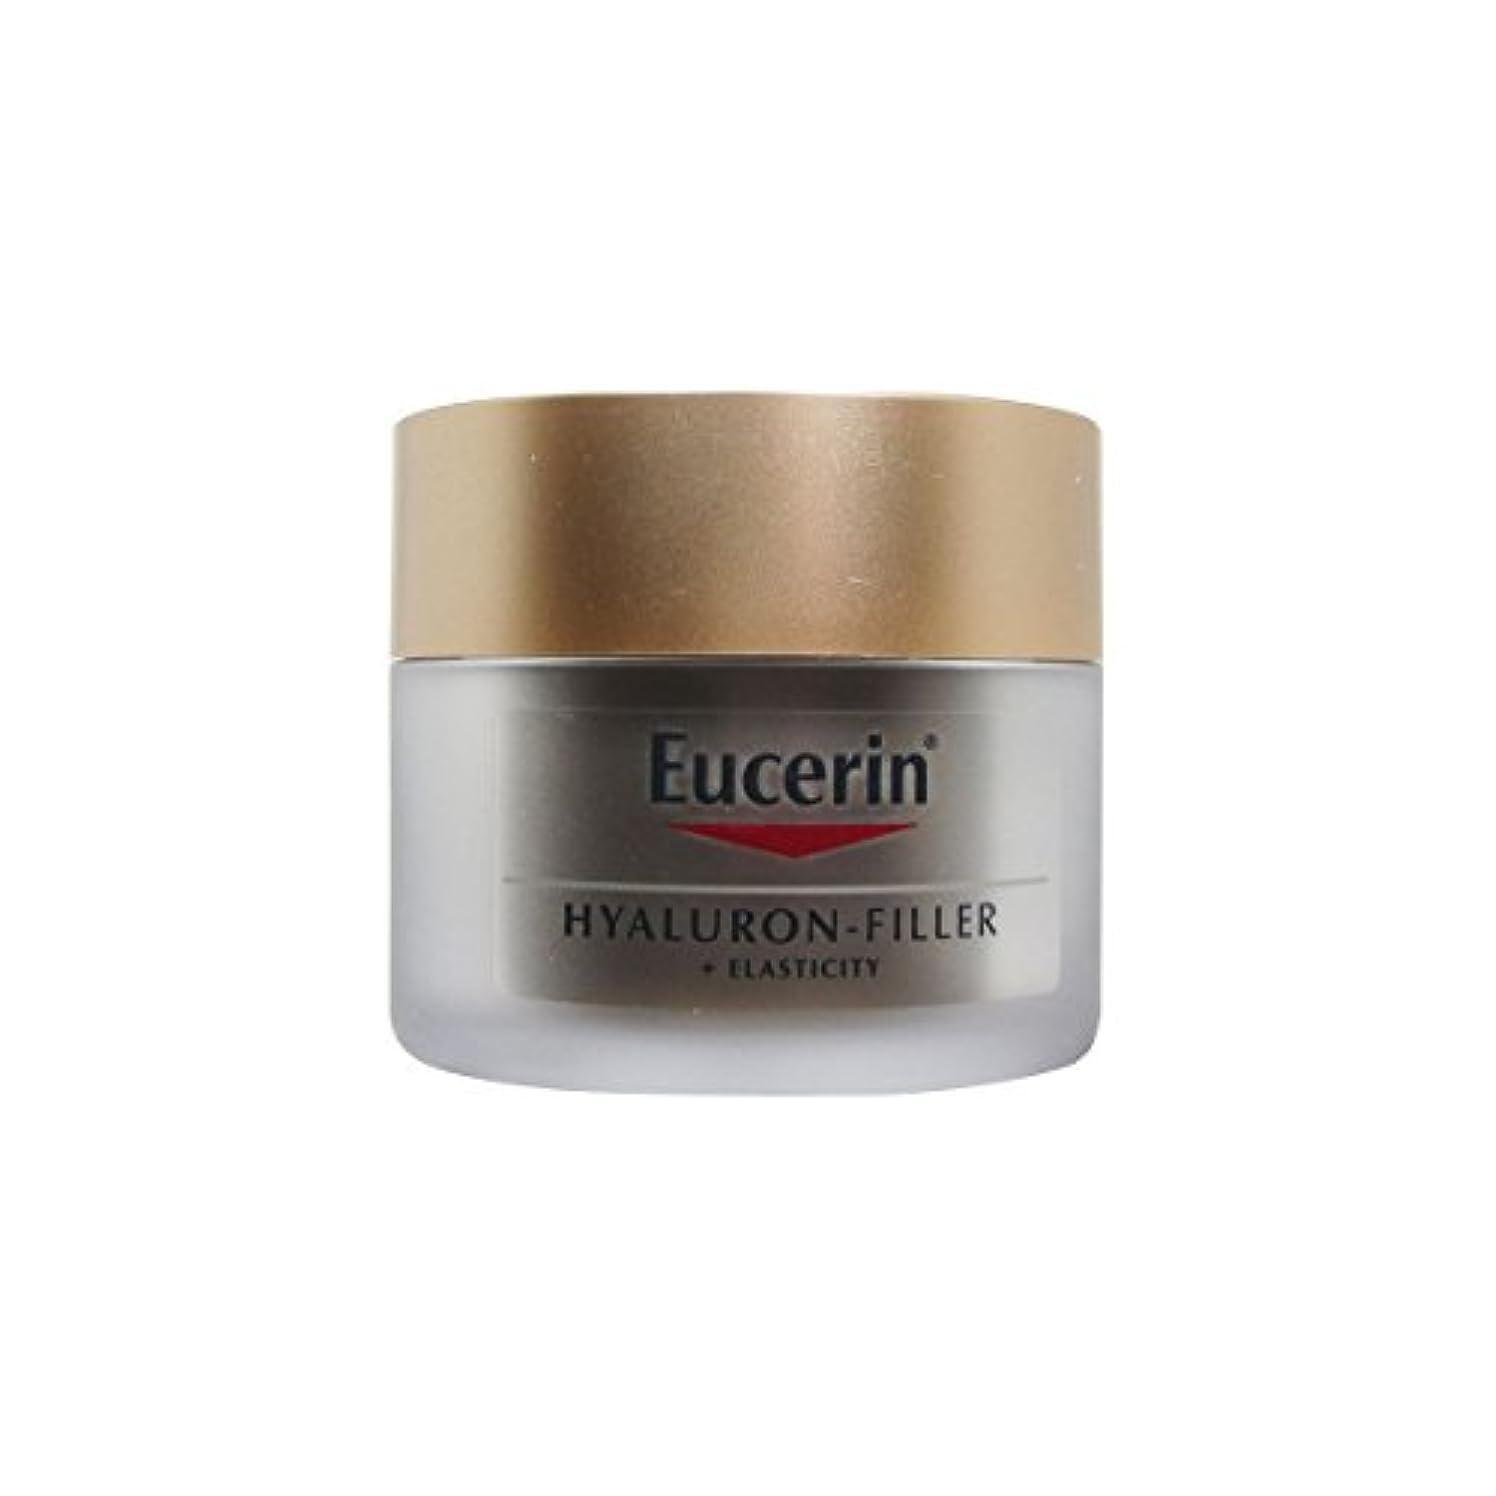 交流するそれに応じて義務付けられたEucerin Hyaluron Filler + Elasticity Night Cream 50ml [並行輸入品]